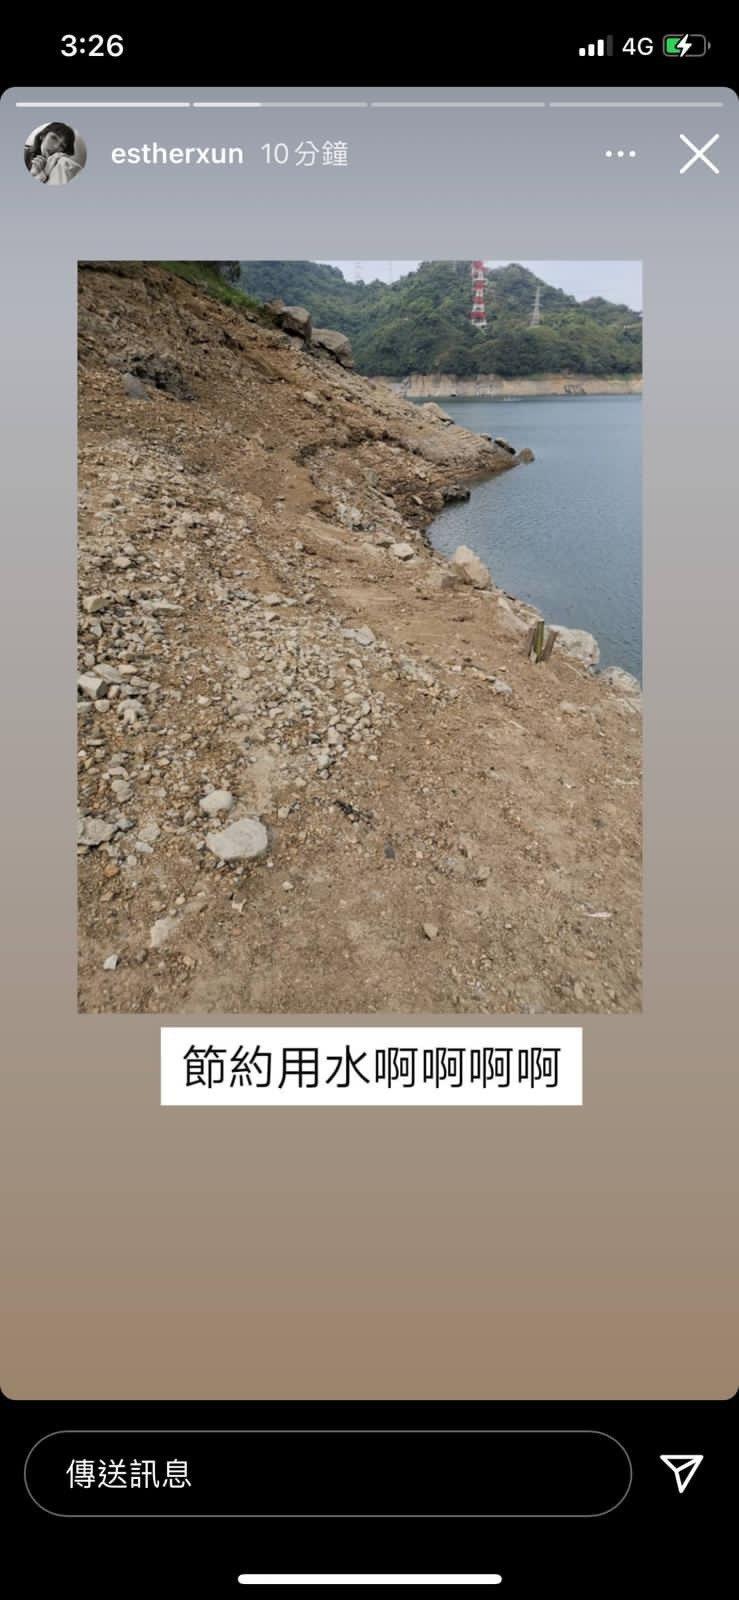 小薰回老家,石門水庫水位低,還要挖路還能到老家仙島。圗/摘自IG